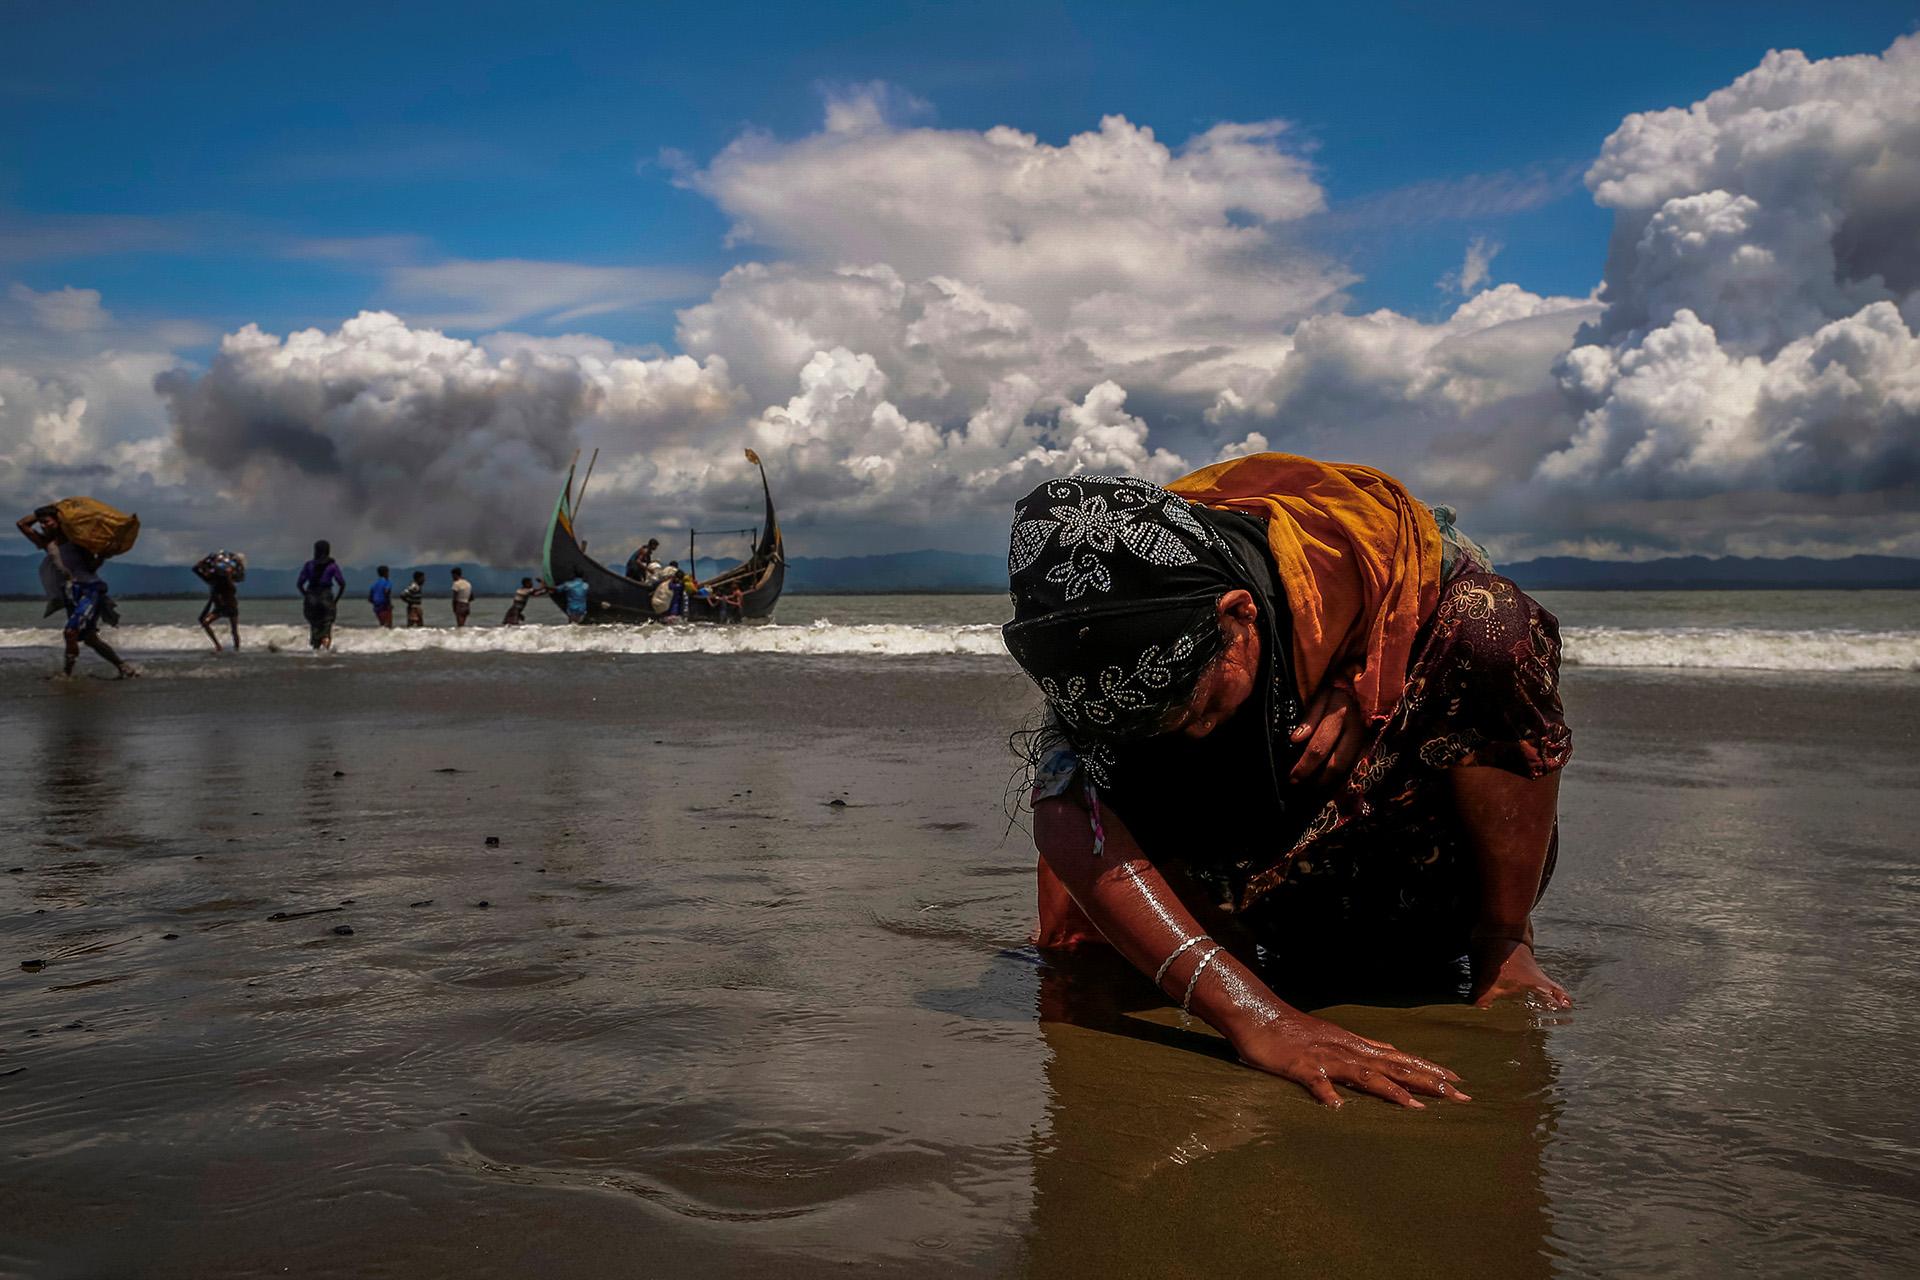 Una mujer refugiada rohingya agotada toca la orilla después de cruzar la frontera entre Bangladesh y Myanmar en barco a través de la Bahía de Bengala, en Shah Porir Dwip, Bangladesh 11 de septiembre de 2017. (Danish Siddiqui)